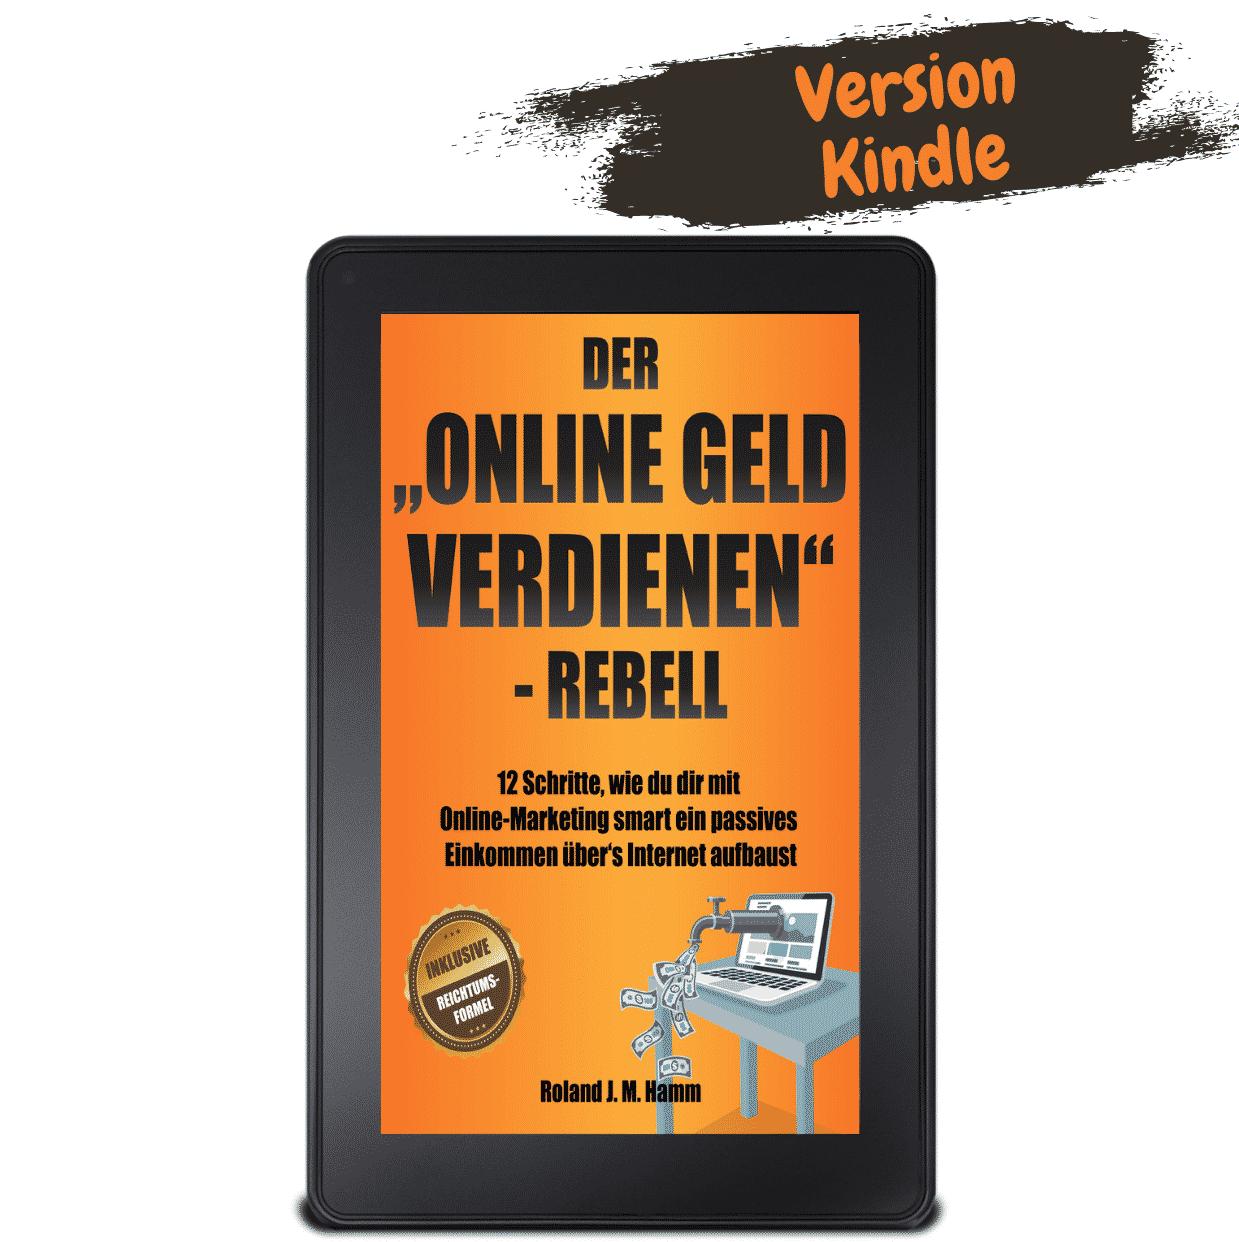 Der online Geld verdienen Rebell als Kindle eBook bestellen